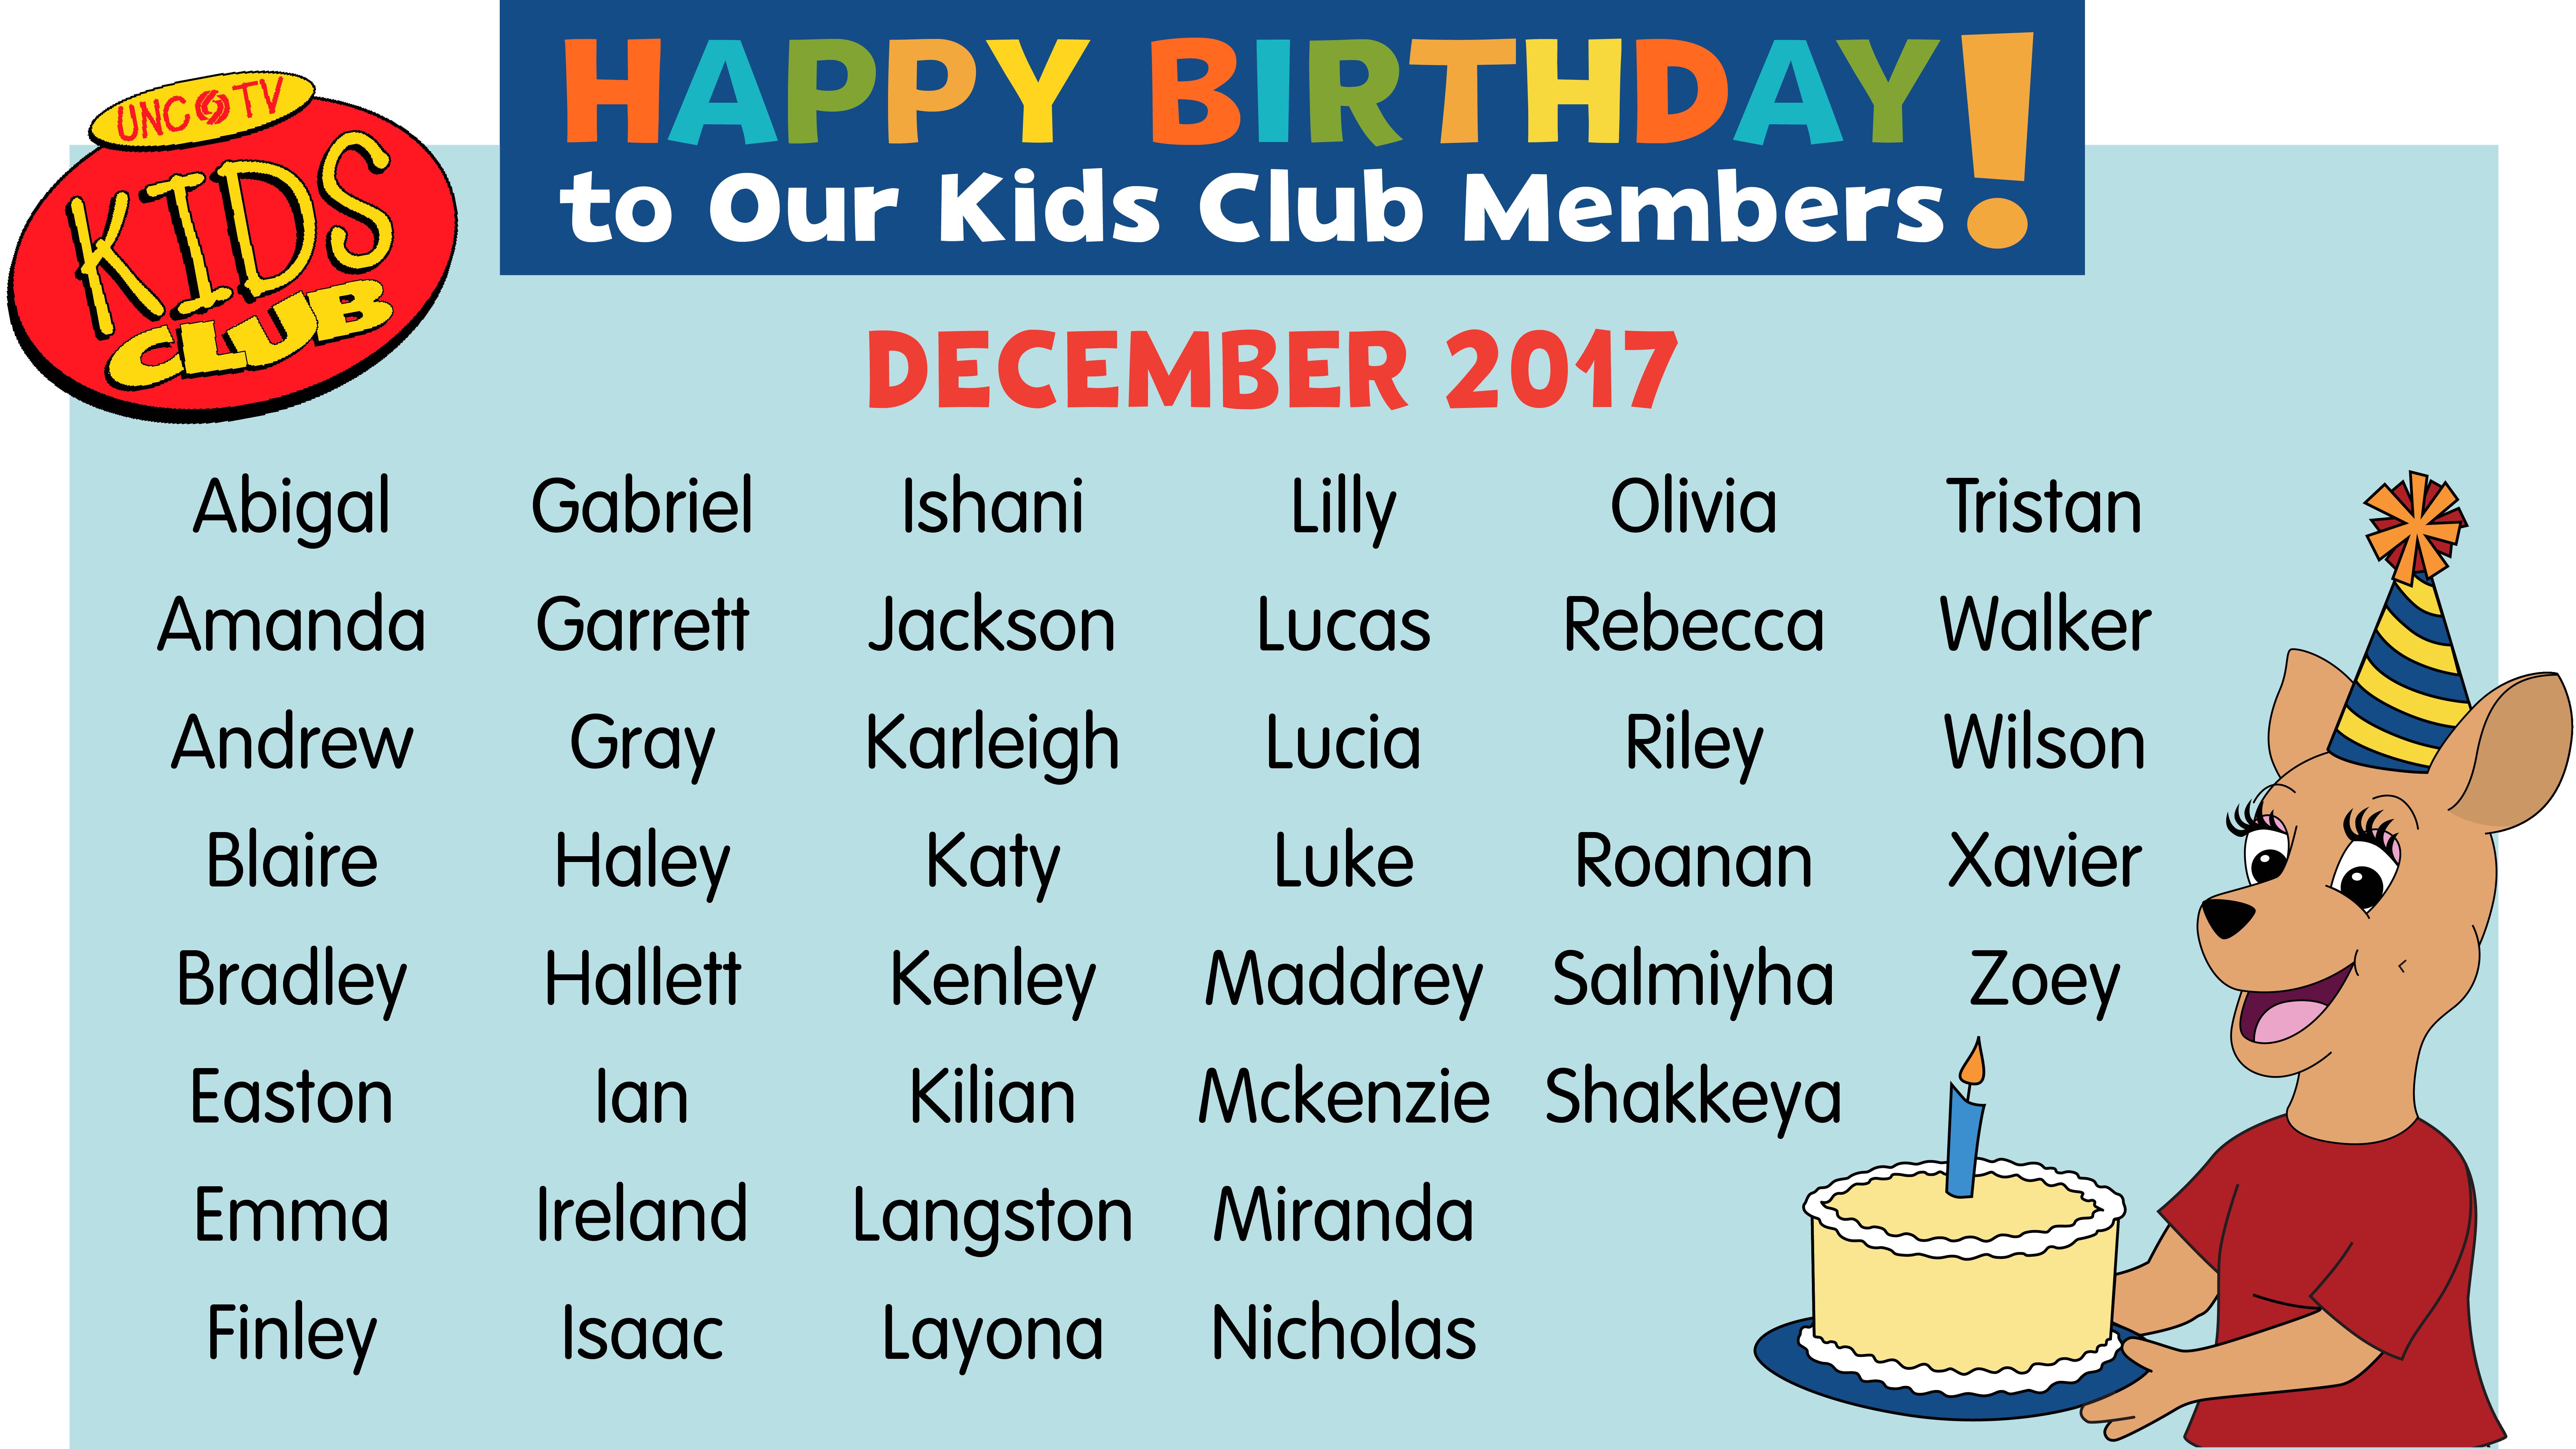 Happy Birthday in November, Kids Club Members!